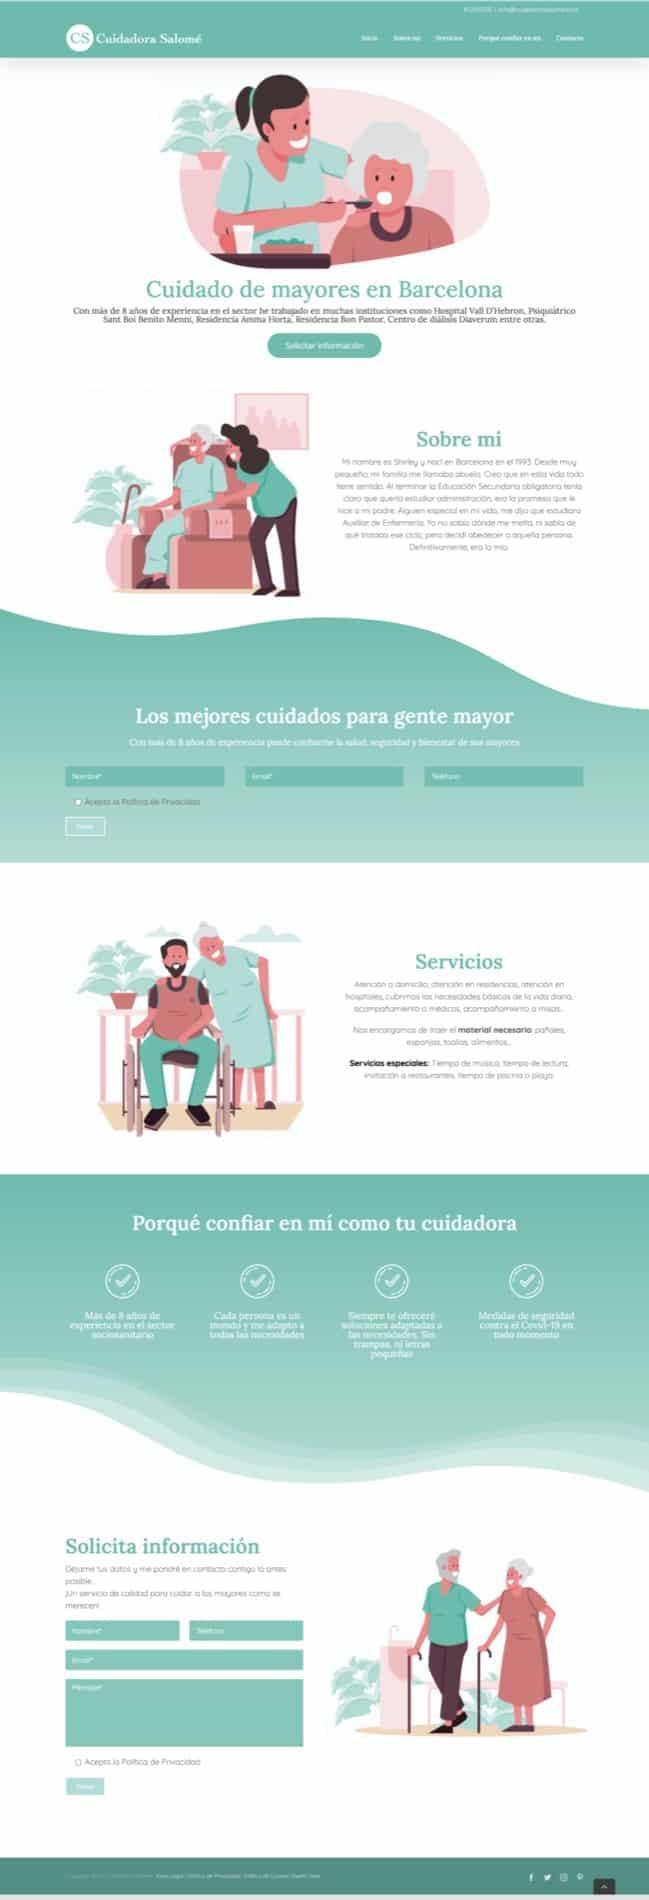 web de una sola página